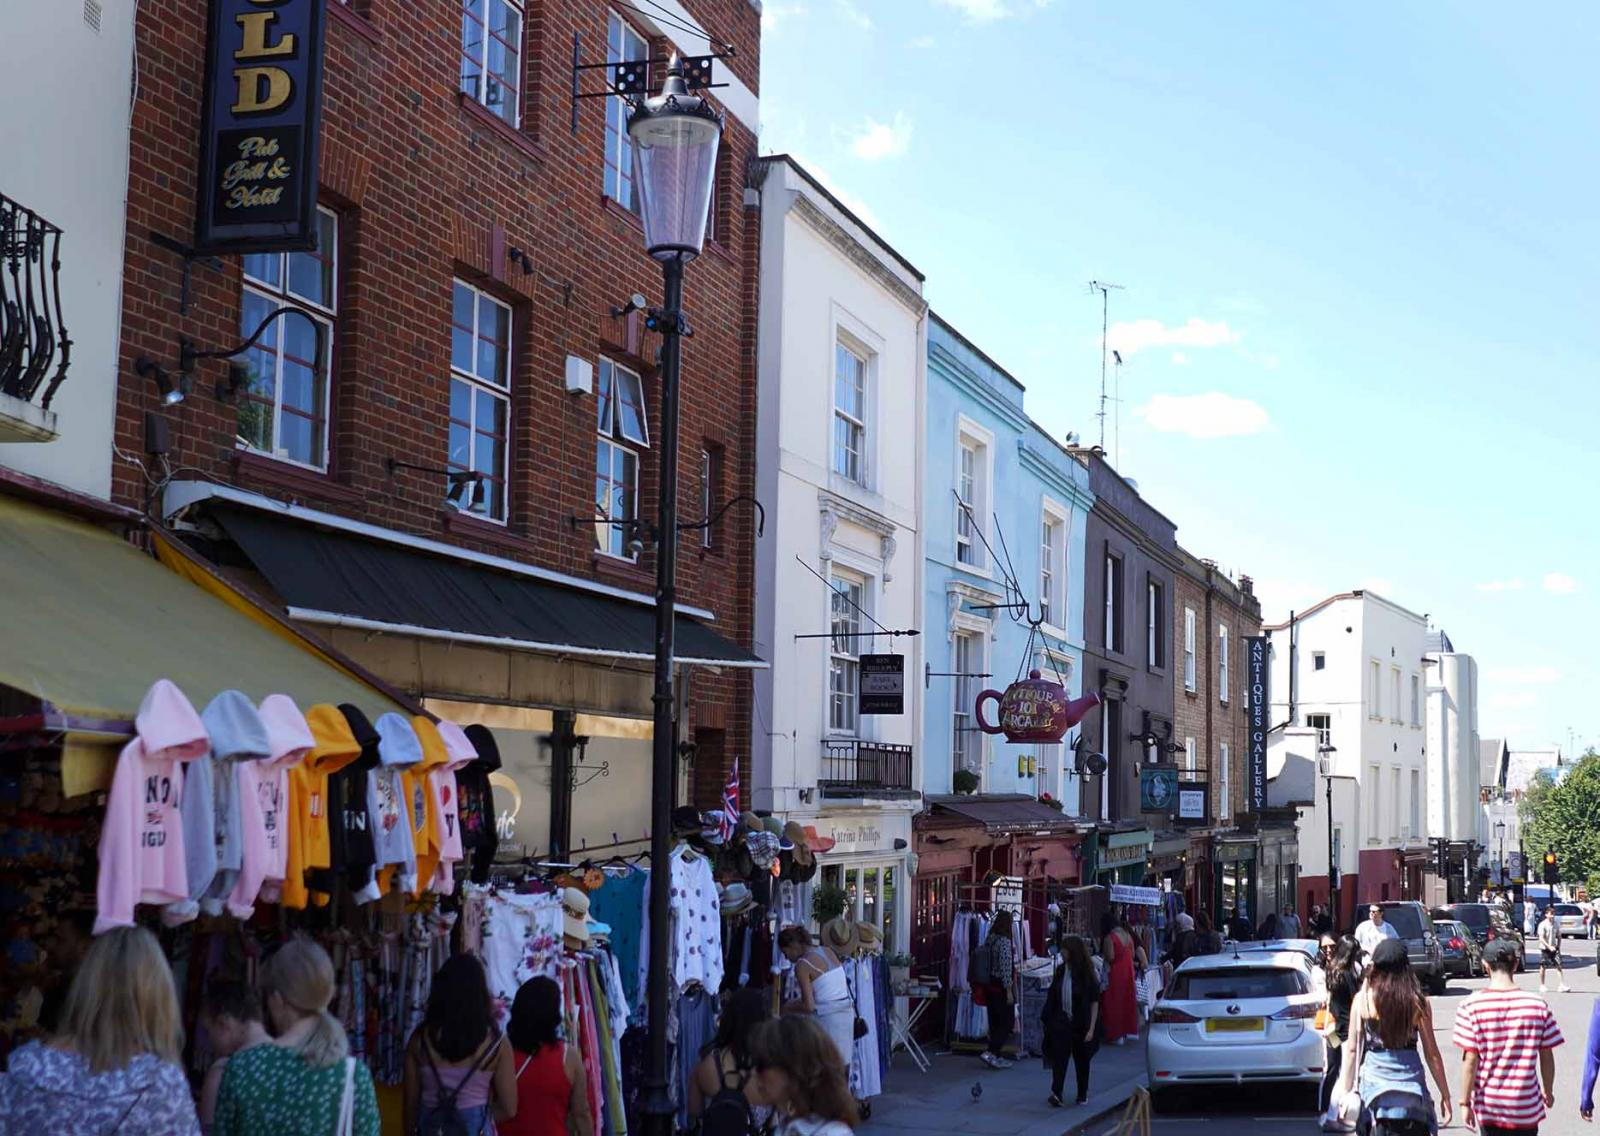 Portobello Road Market in Notting Hill